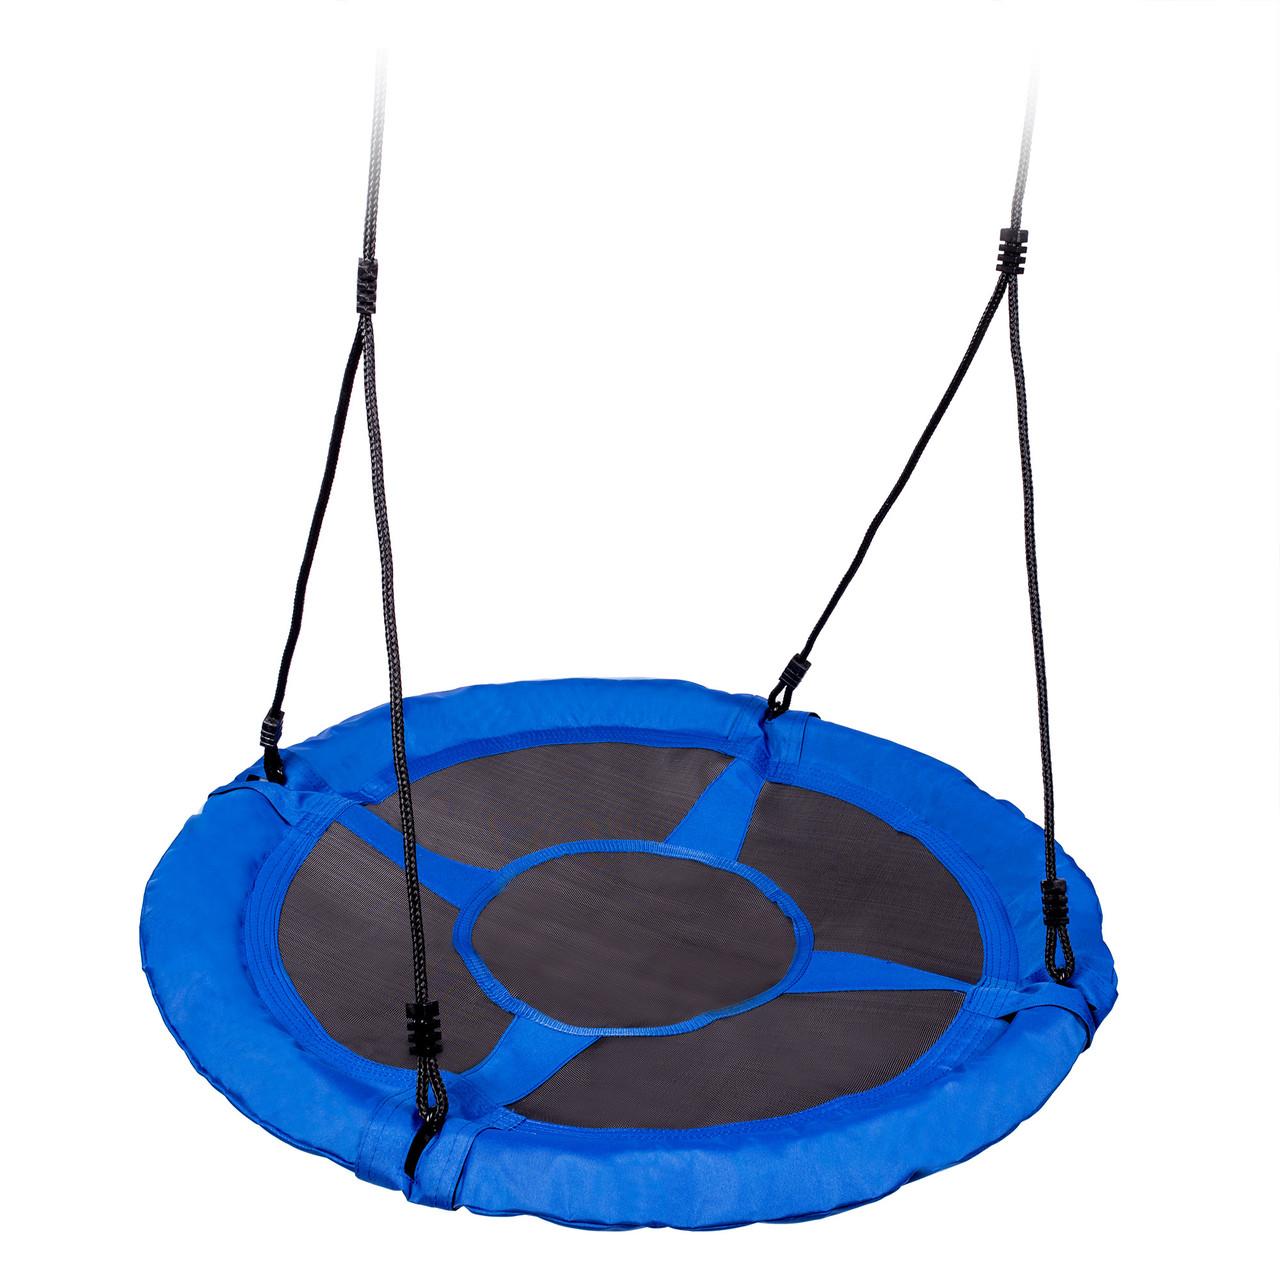 Качеля гнездо подвесная садовая 95cm Neo-Sport Swingo XXL синий (9270)